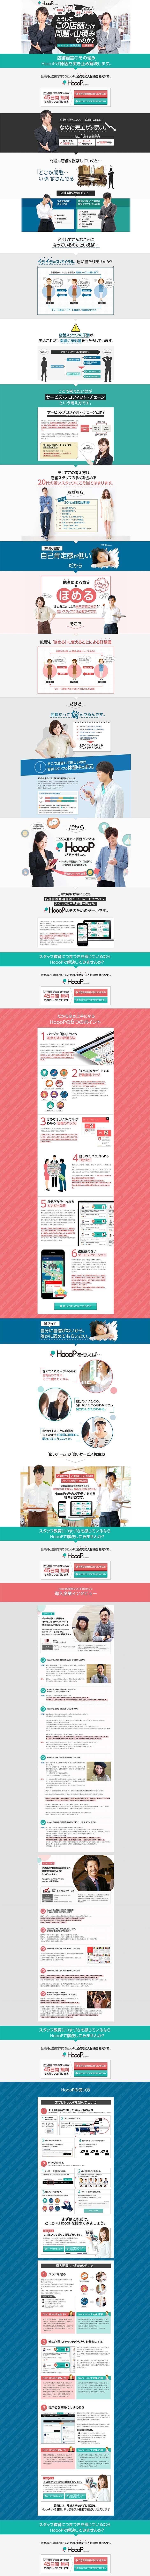 社内コミュニケーションツール|HoooP【サービス関連】のLPデザイン。WEBデザイナーさん必見!ランディングページのデザイン参考に(信頼・安心系)